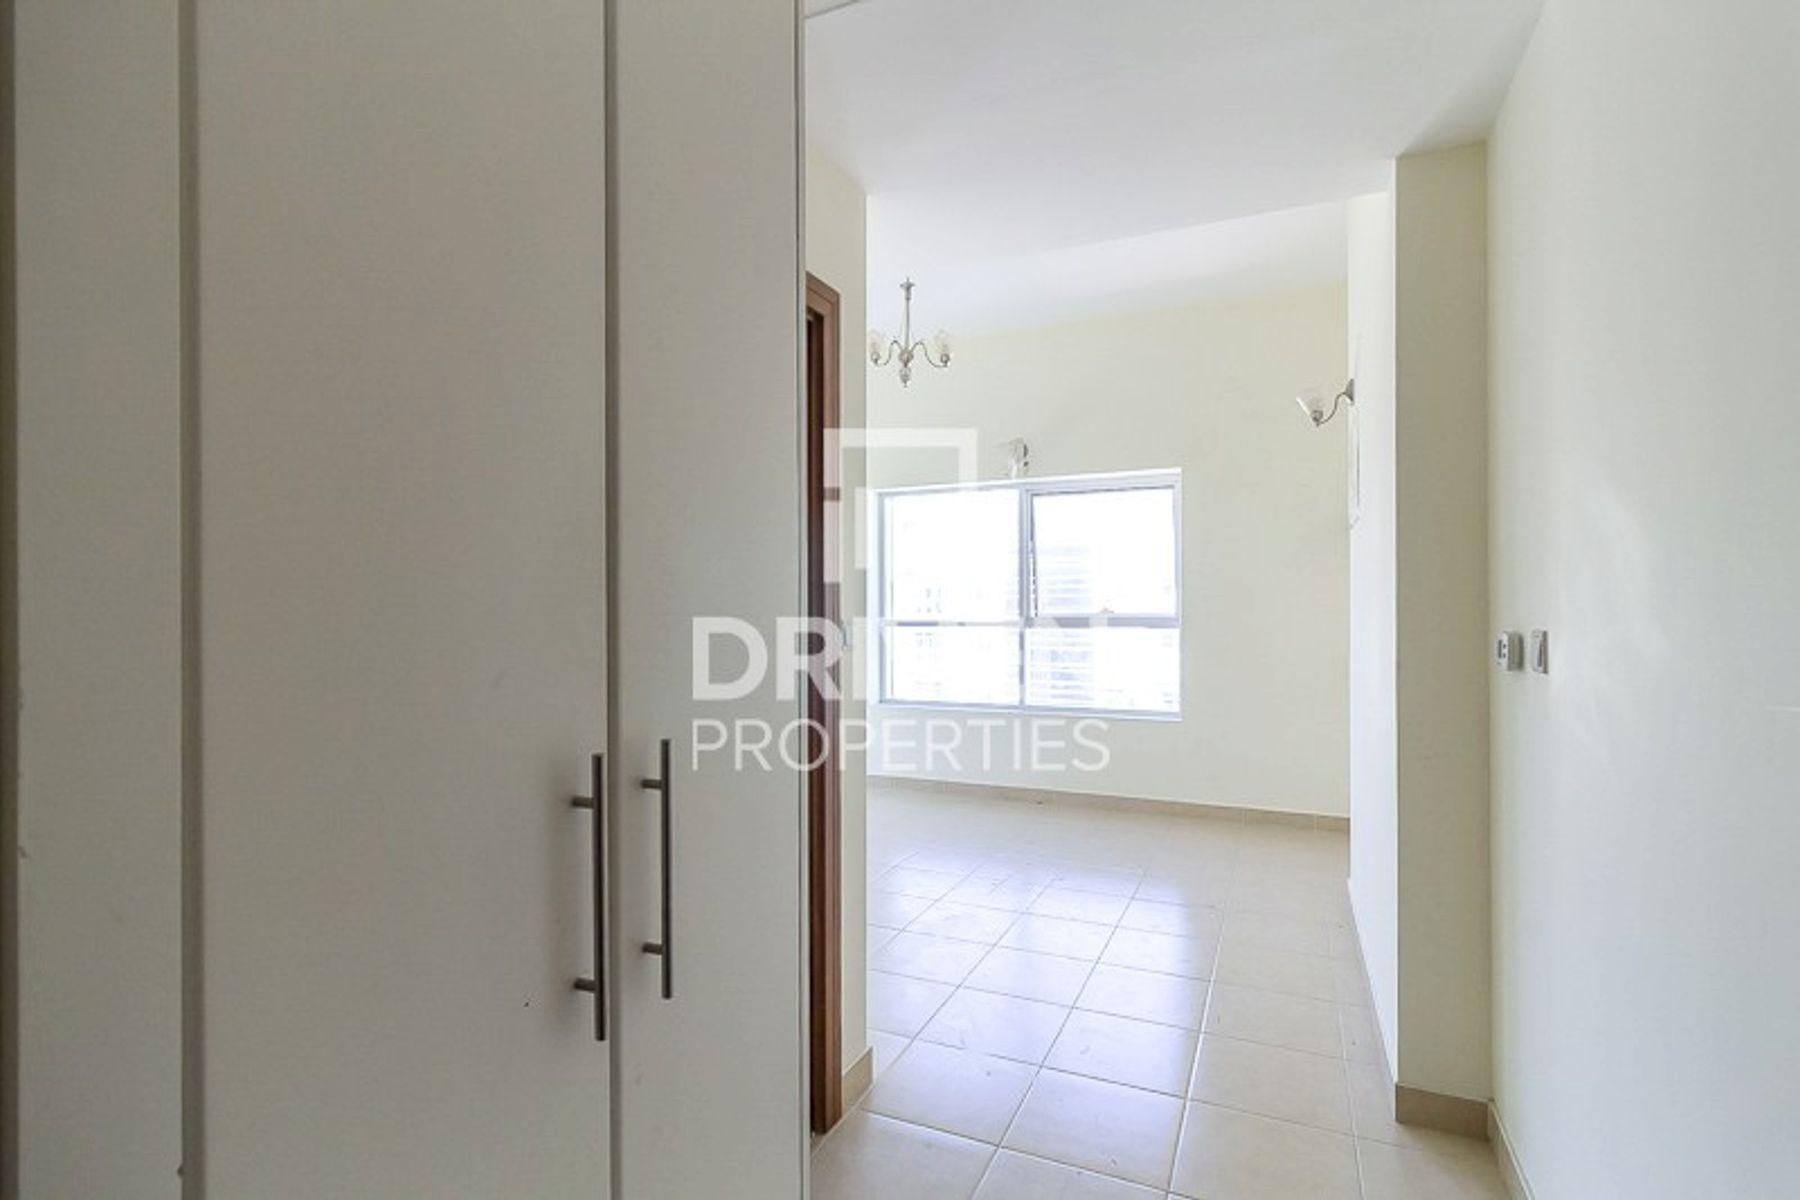 للايجار - شقة - اوشن ريسيدنشيا - واحة السيليكون